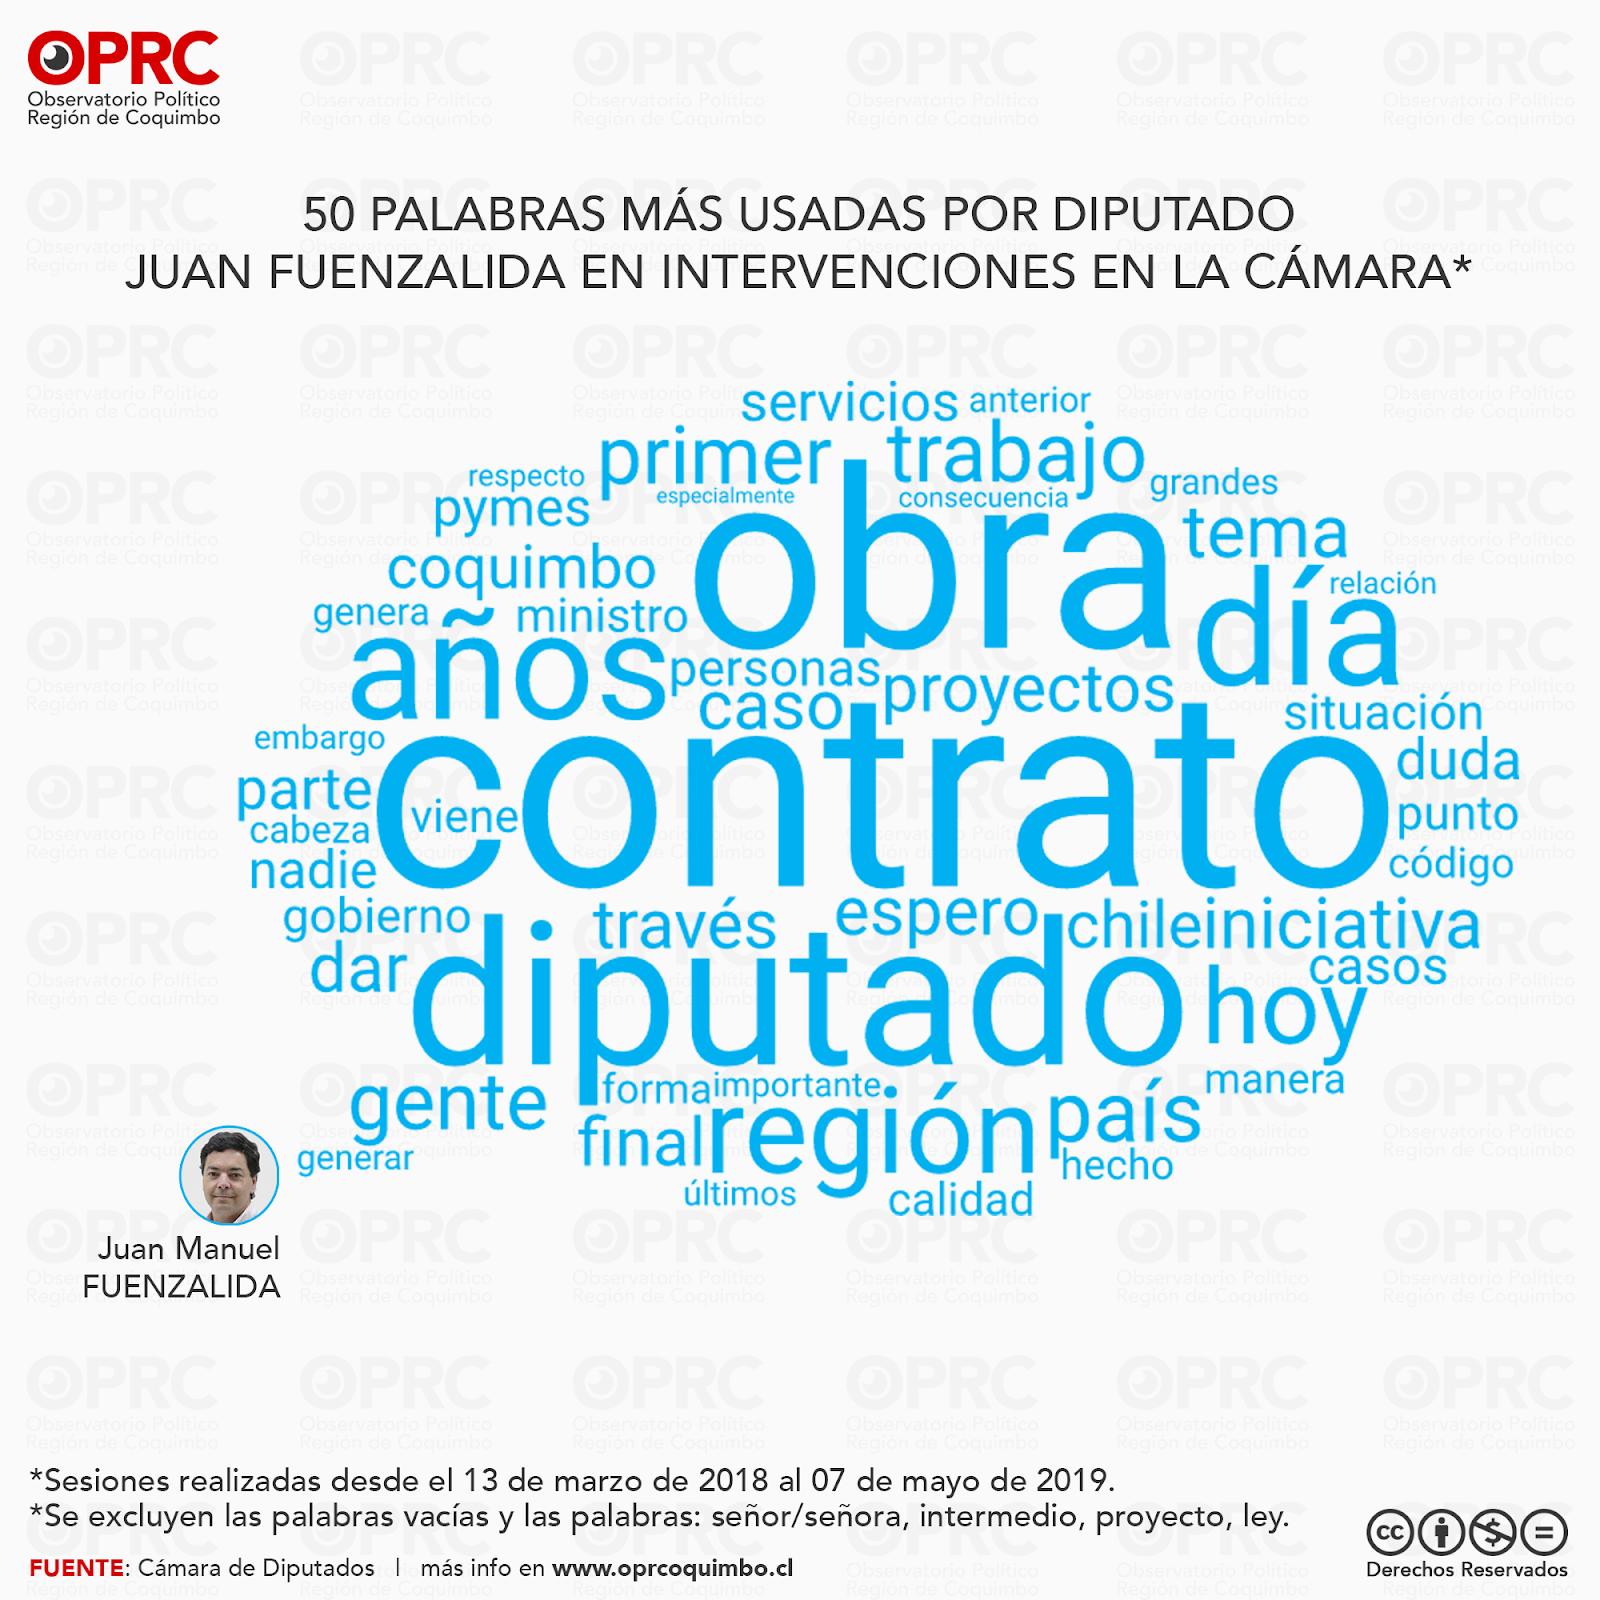 Palabras más usadas por Diputado Juan Fuenzalida en intervenciones en Sala